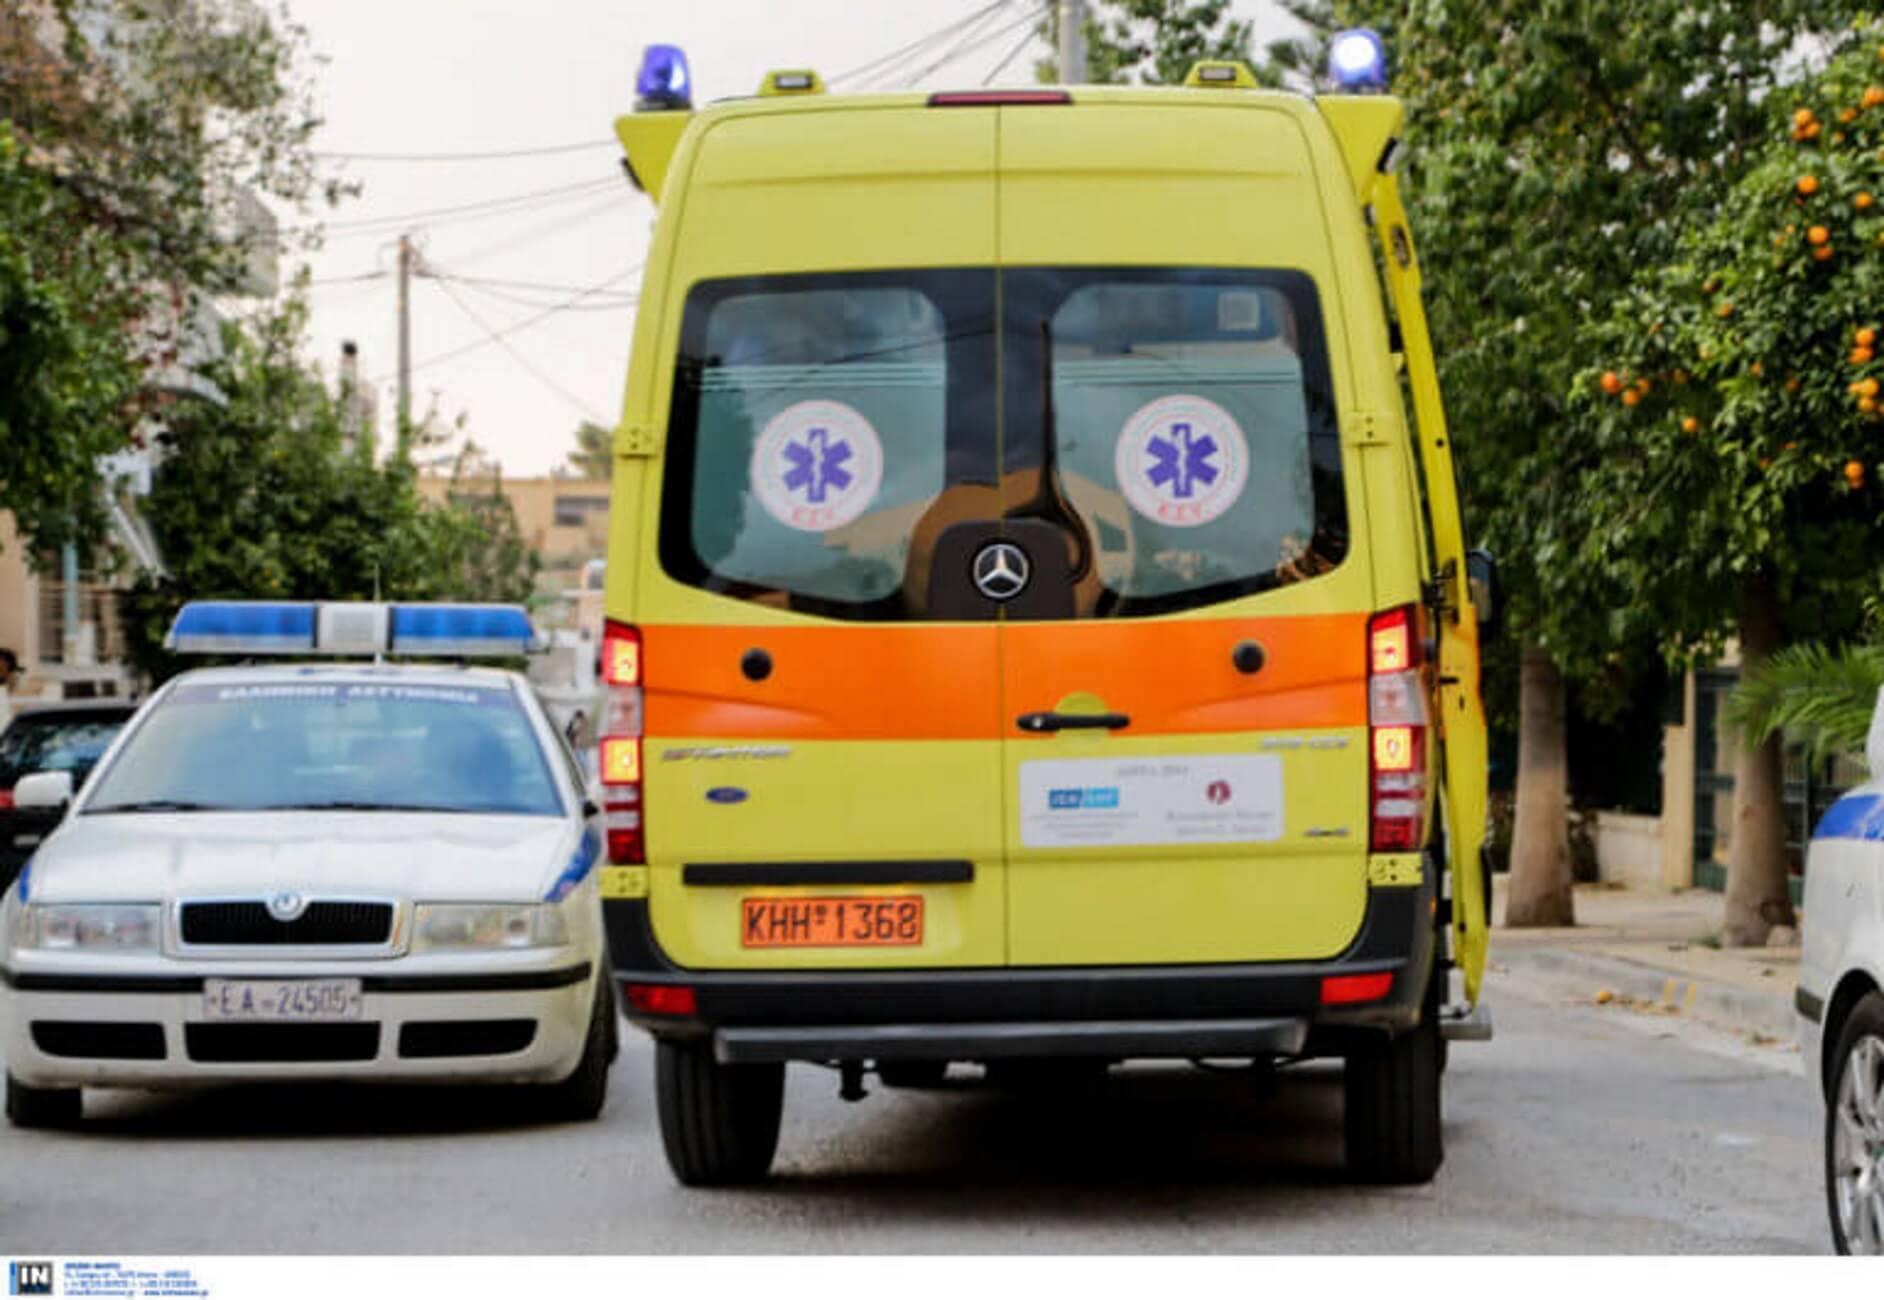 Ηράκλειο: Τραγικό φινάλε στις έρευνες για τον αγνοούμενο Γιώργο – Νεκρός μέσα στο αυτοκίνητό του!